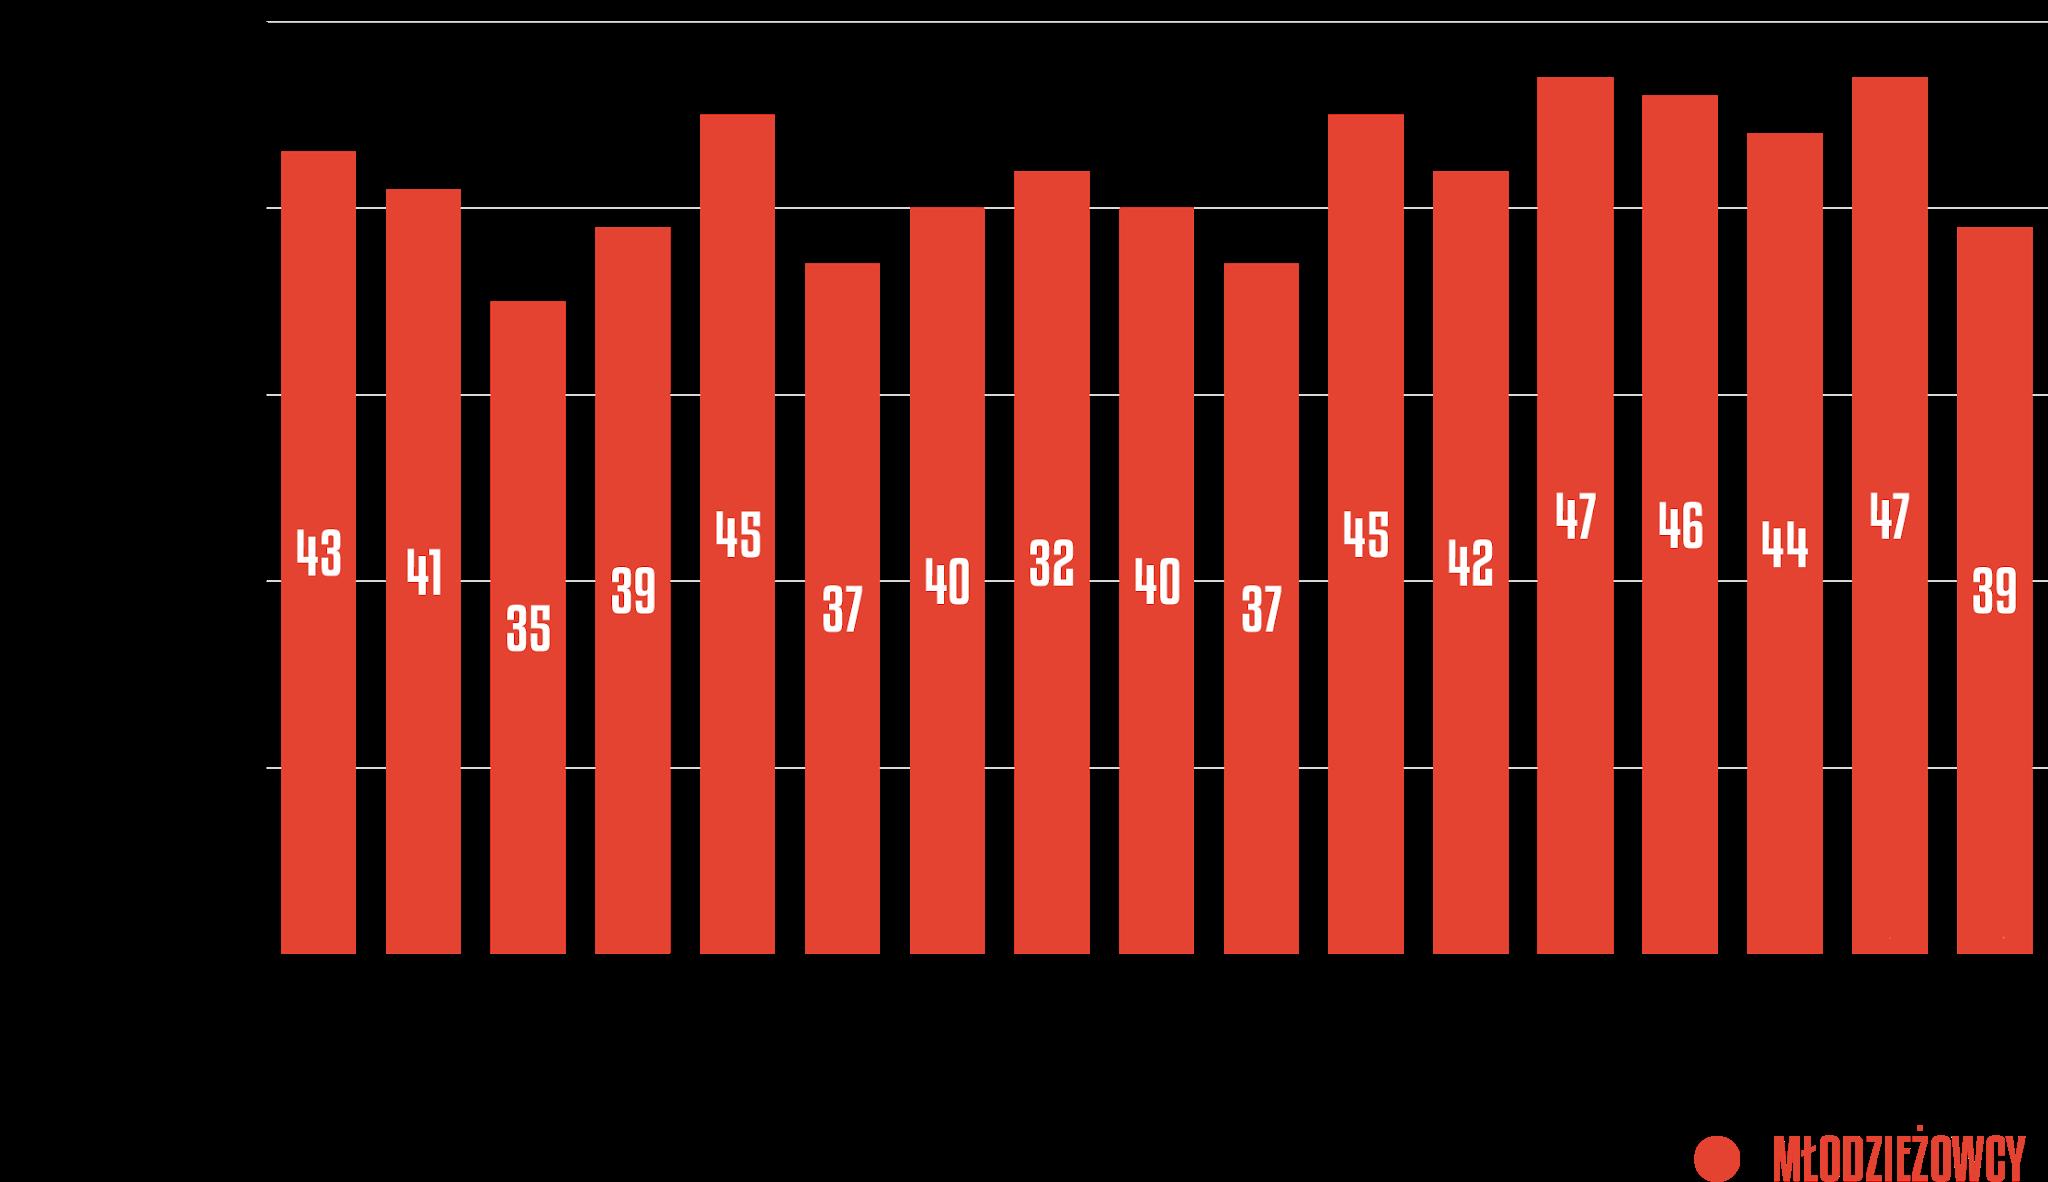 Młodzieżowcy w poszczególnych kolejkach Fortuna 1 Ligi 2020/21<br><br>Źródło: Opracowanie własne na podstawie 90minut.pl<br><br>graf. Bartosz Urban